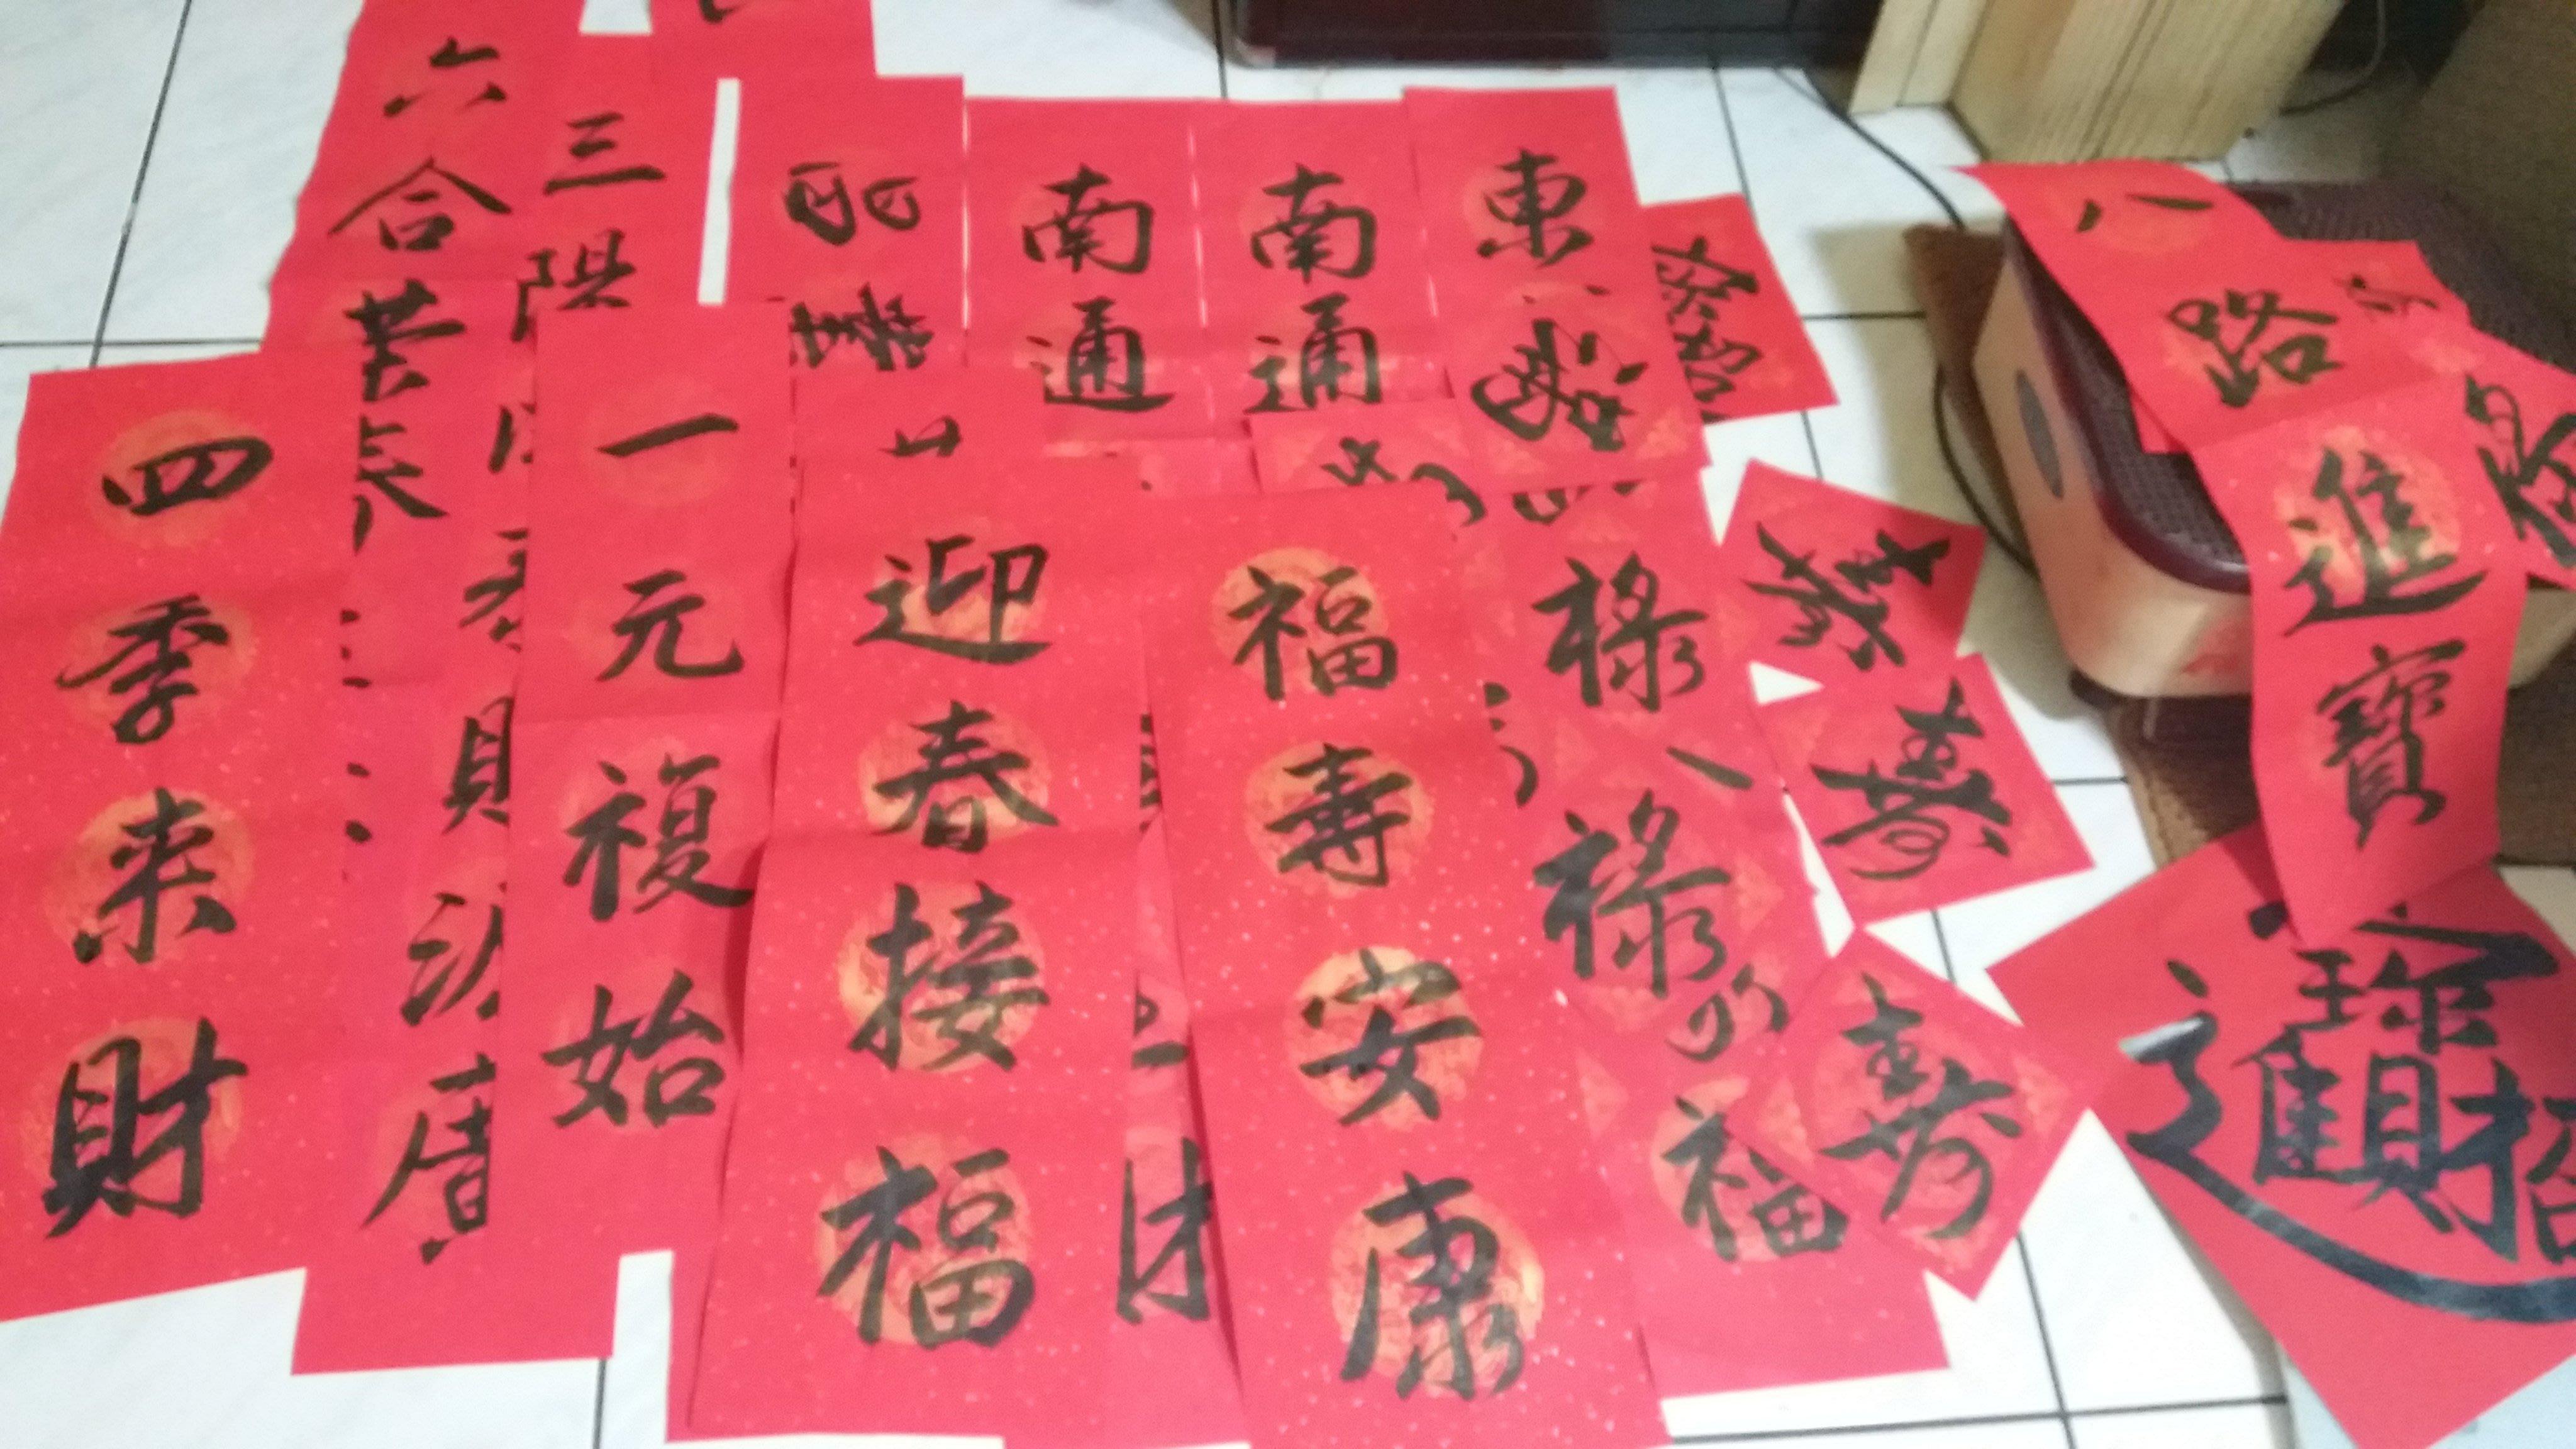 宇陞精品-H019-善璉湖筆鼠须兼毫毛筆-3號-出鋒5.6cm-書法練字